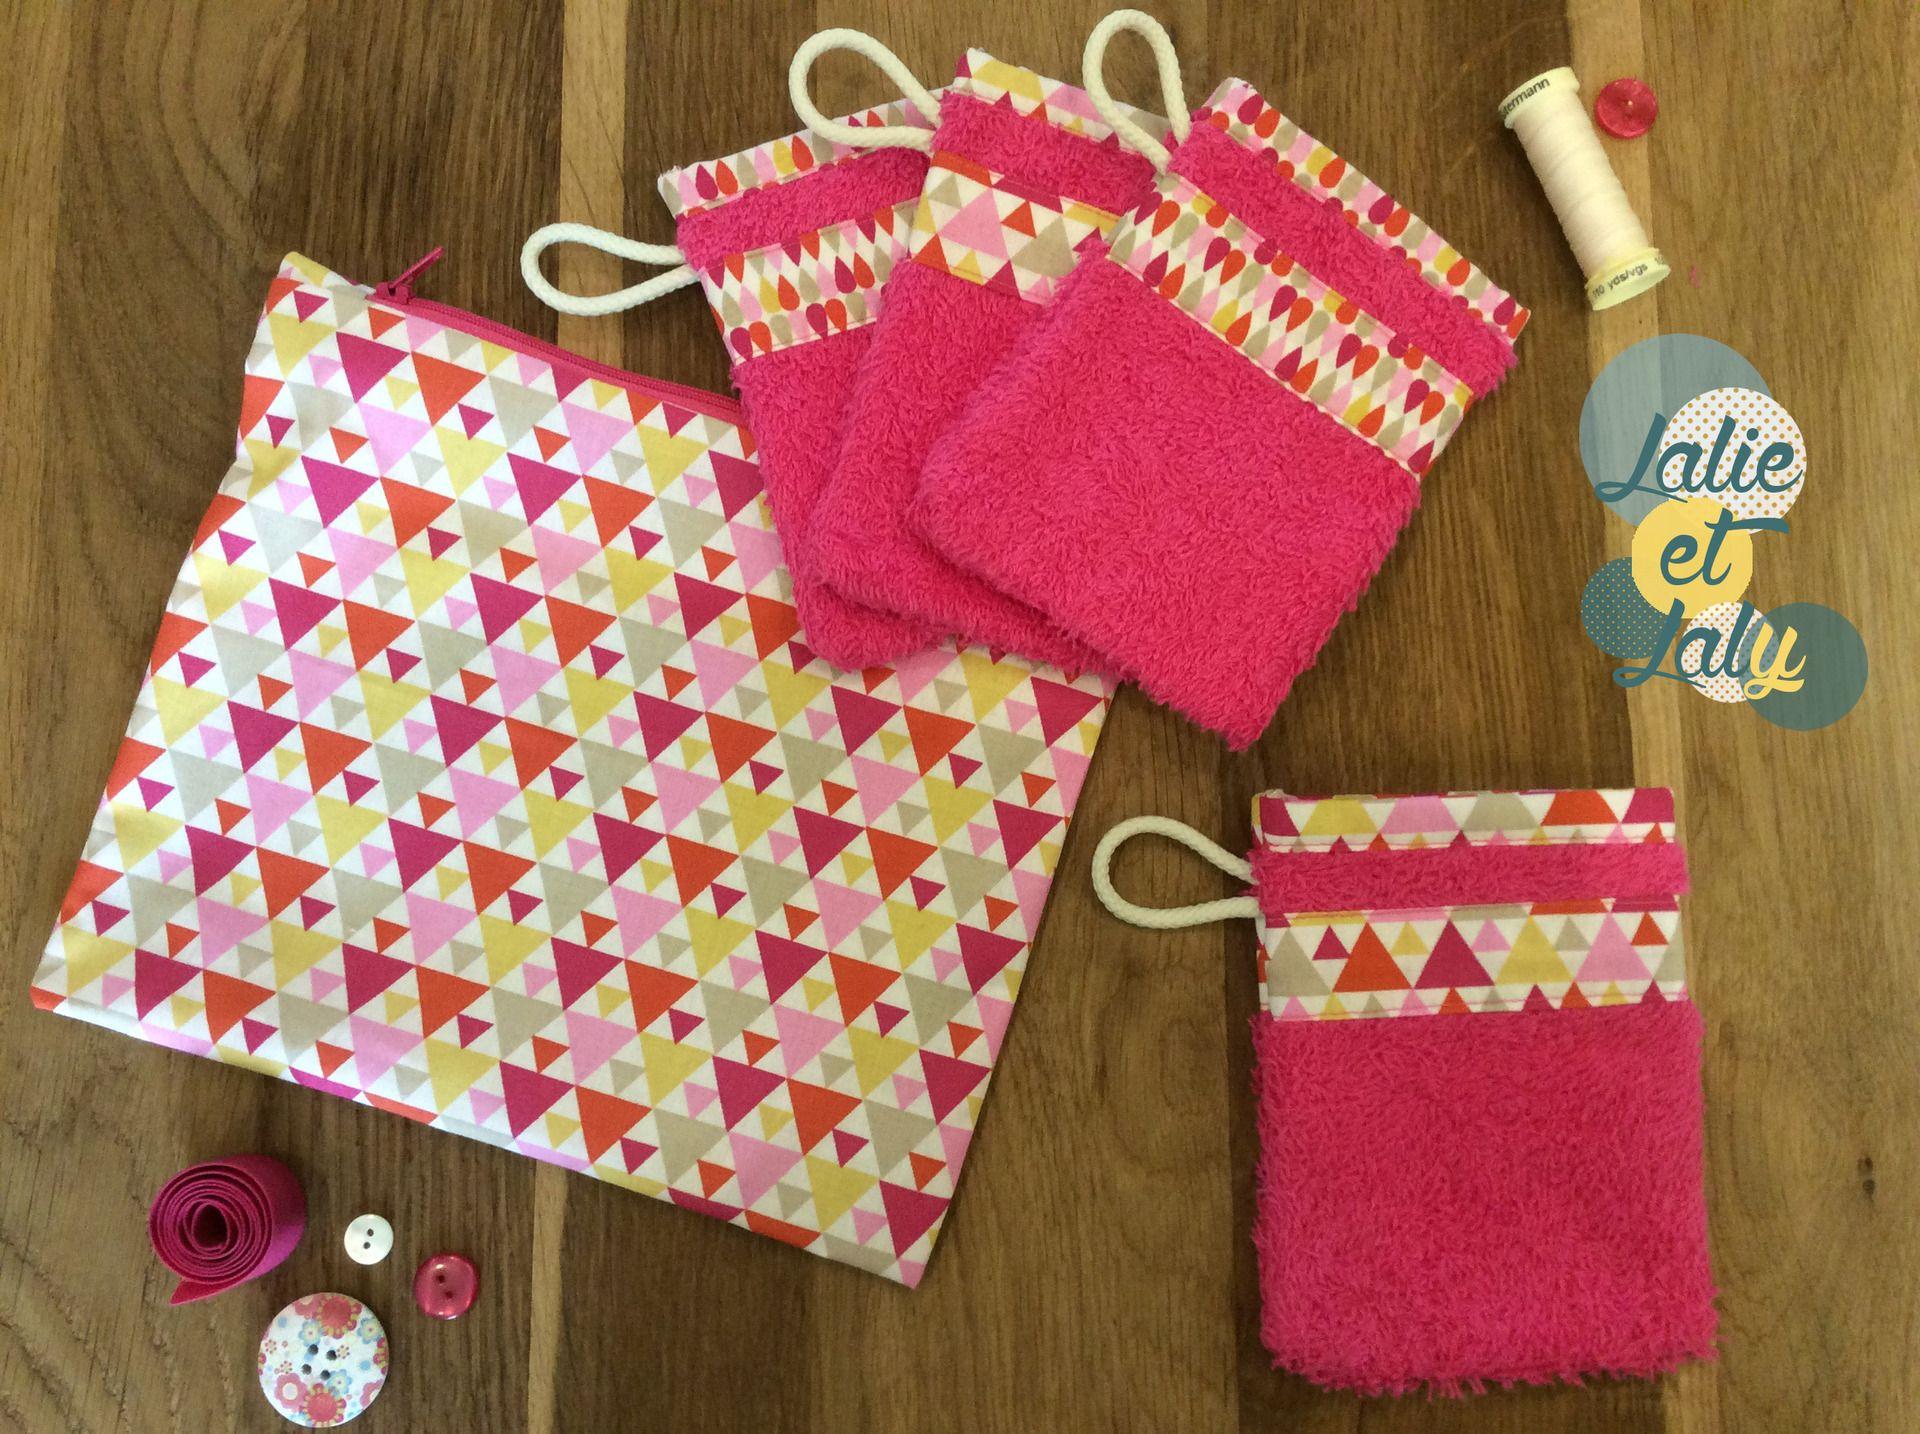 Lot de 4 gants de toilette enfant et sa pochette cadeau : Autres par lalie-et-laly